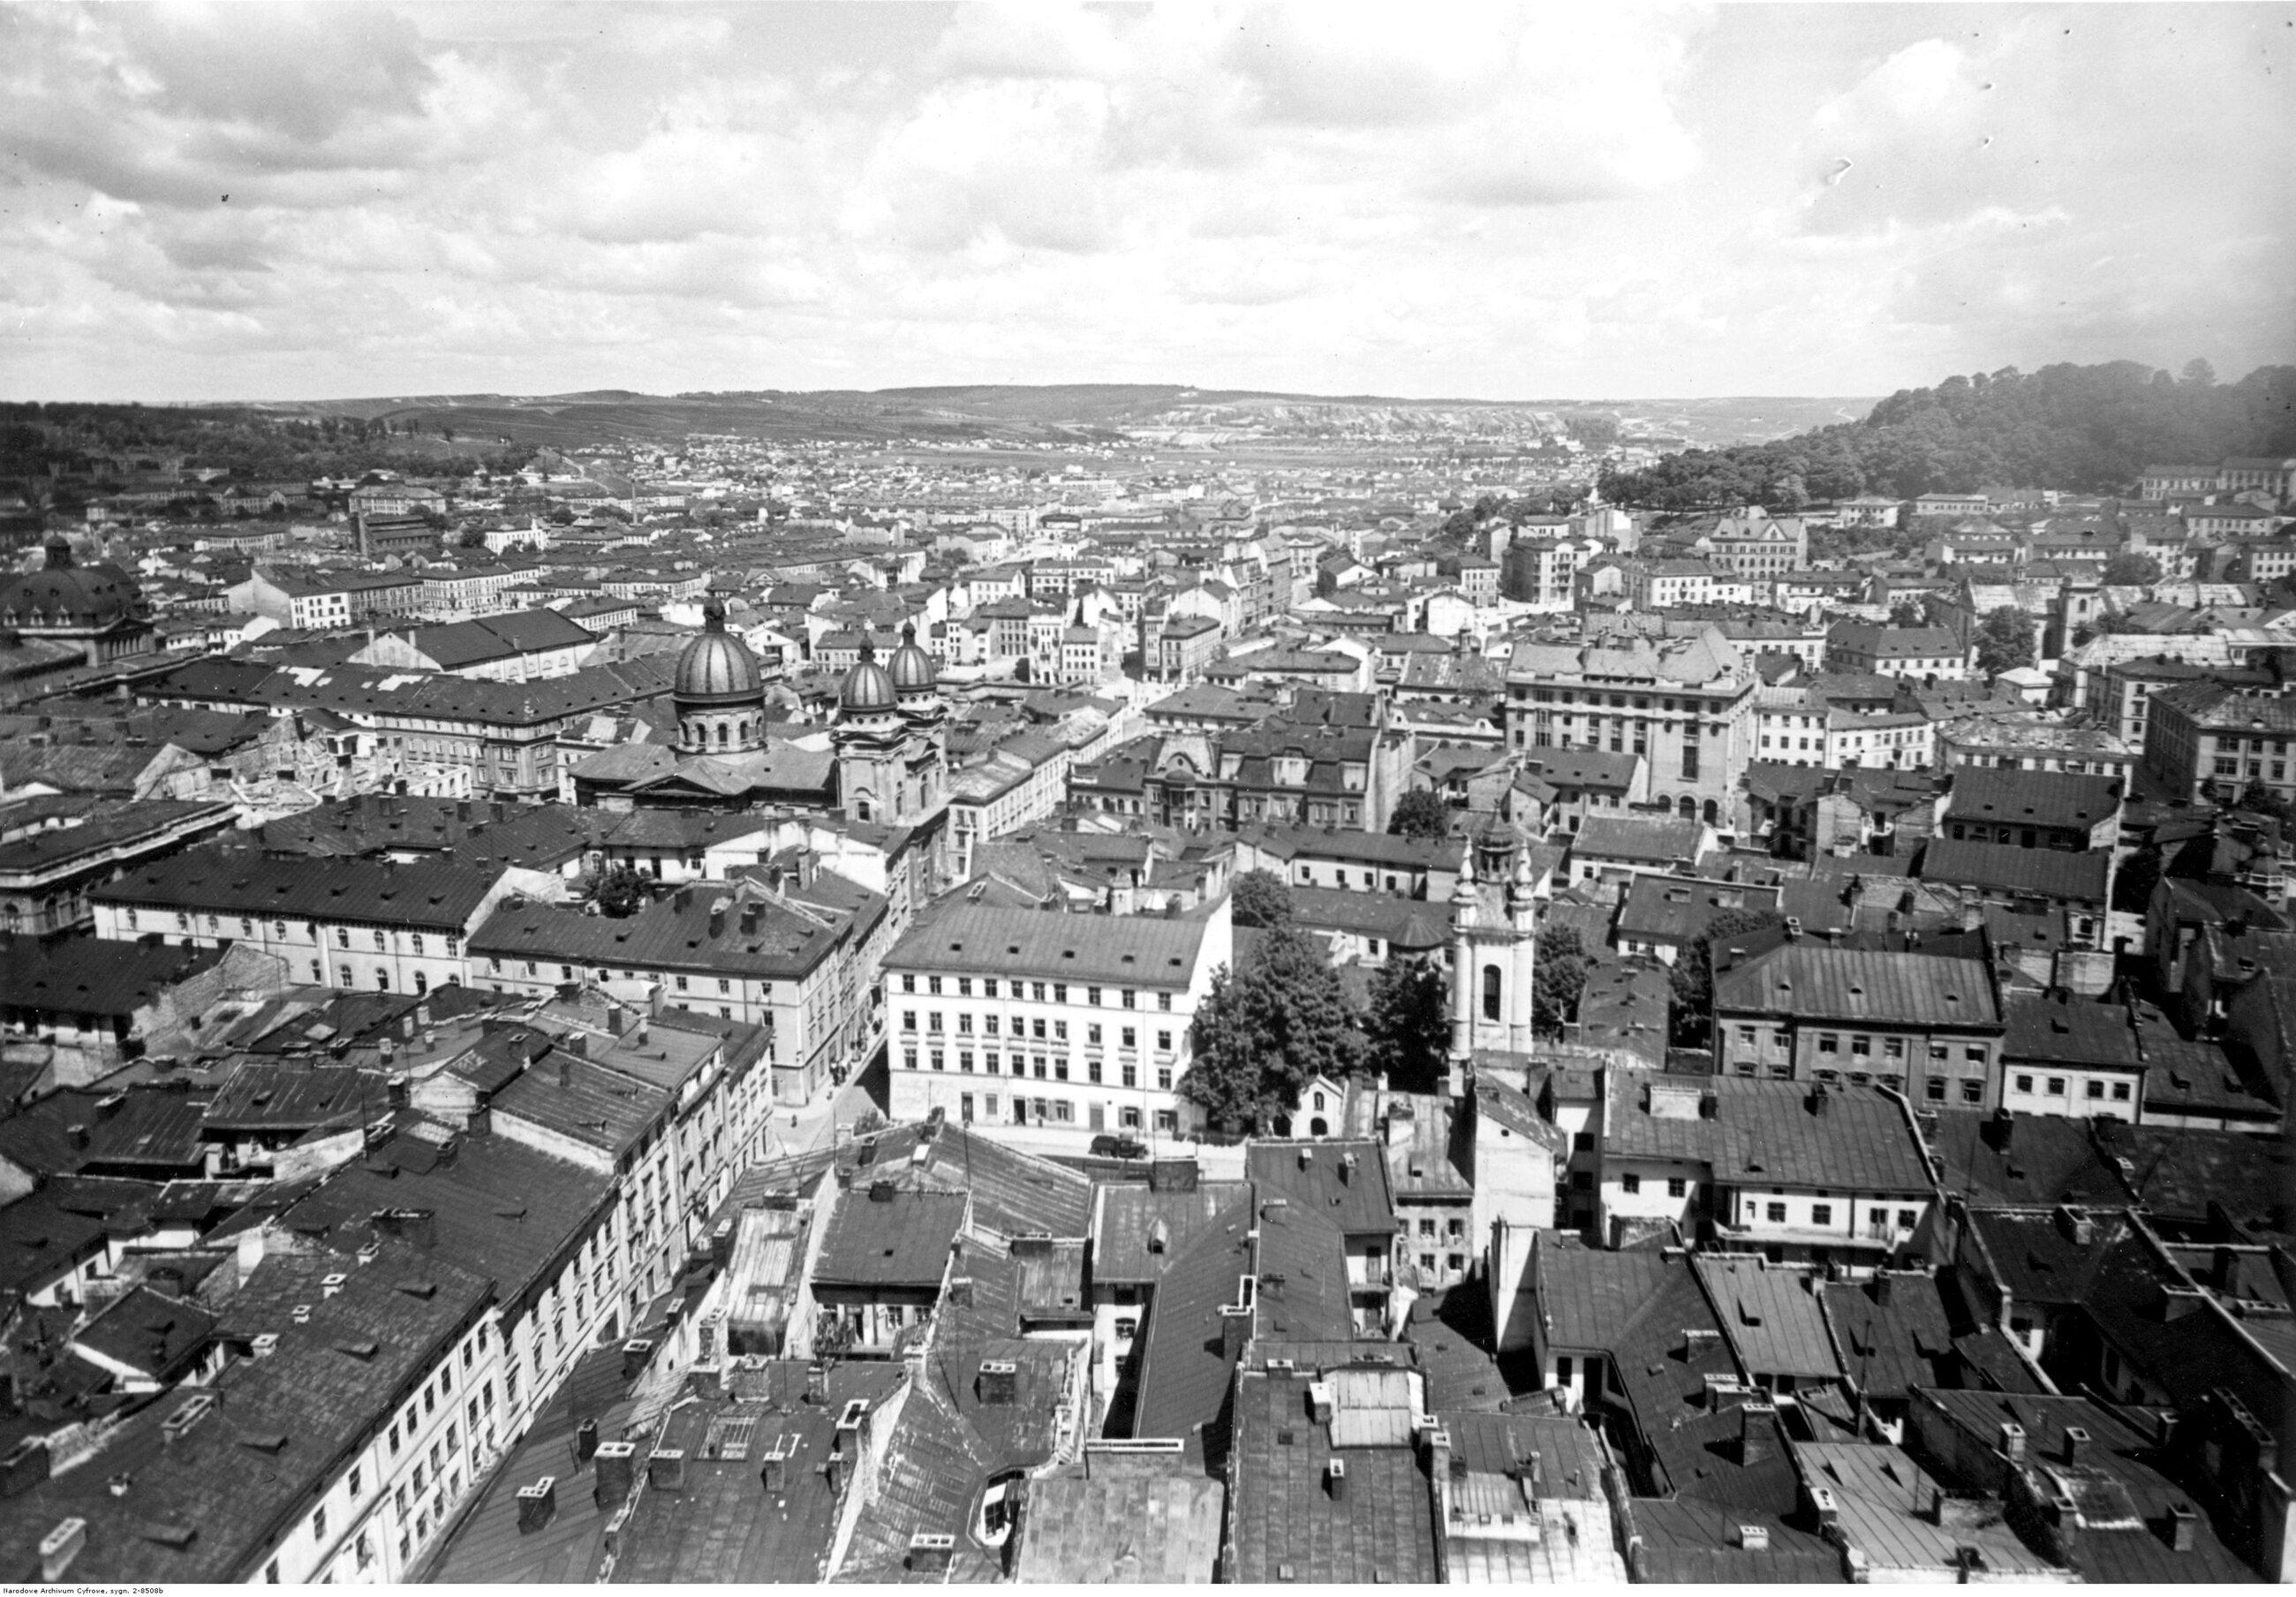 Lwów Do początku XX wieku Lwów był drugim największym polskim miastem. W II RP był trzeci pod względem liczby ludności. Obecnie również tylko dwa polskie miasta są większe od Lwowa. Liczba ludności w 1939 r.: 318 tys., obecnie: 729 tys.